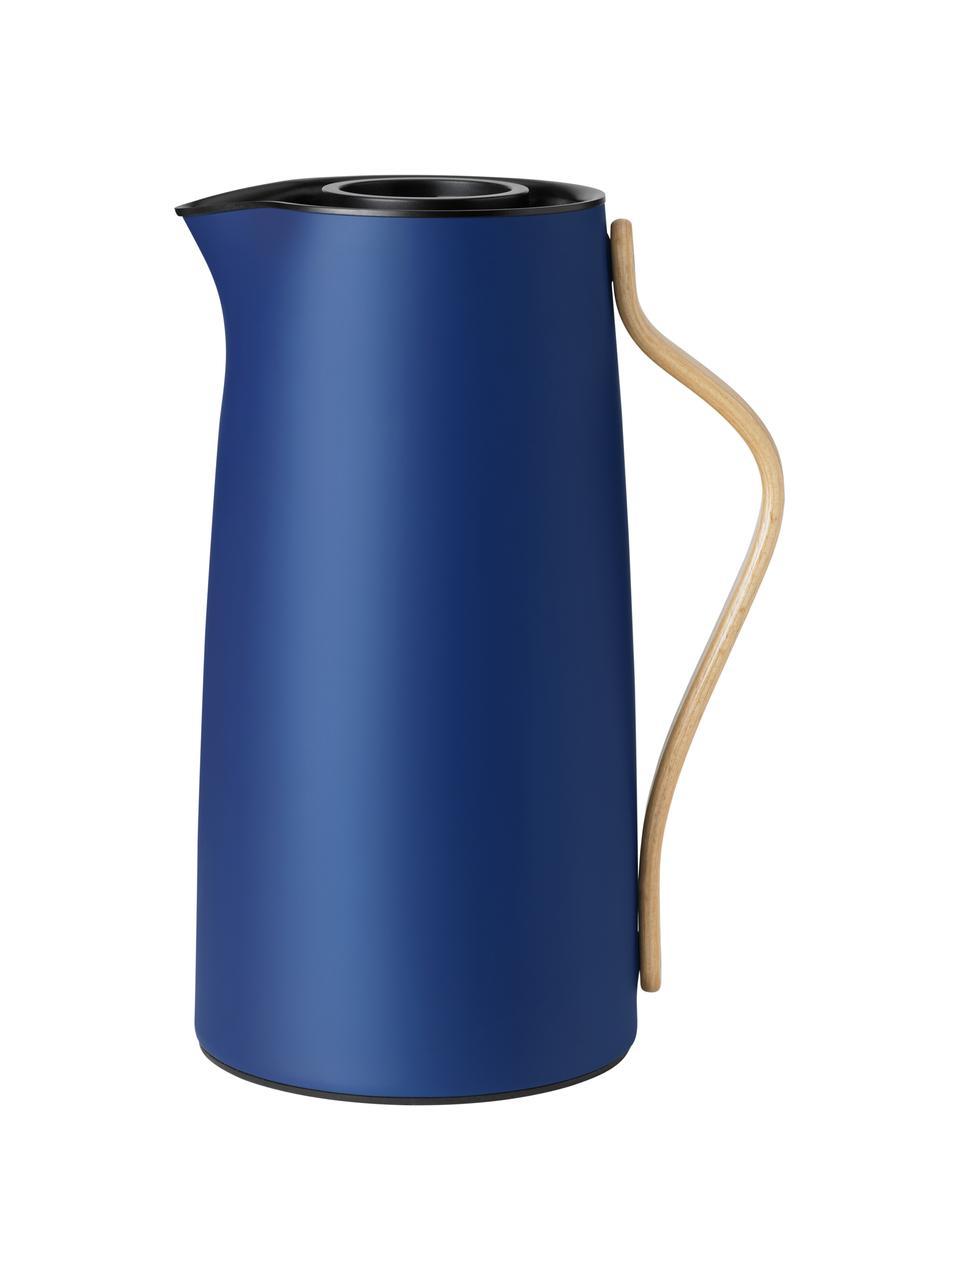 Isolierkanne Emma in Blau, 1.2 L, Korpus: Edelstahl, Beschichtung: Emaille, Griff: Buchenholz, Blau, Beige, 1.2 L